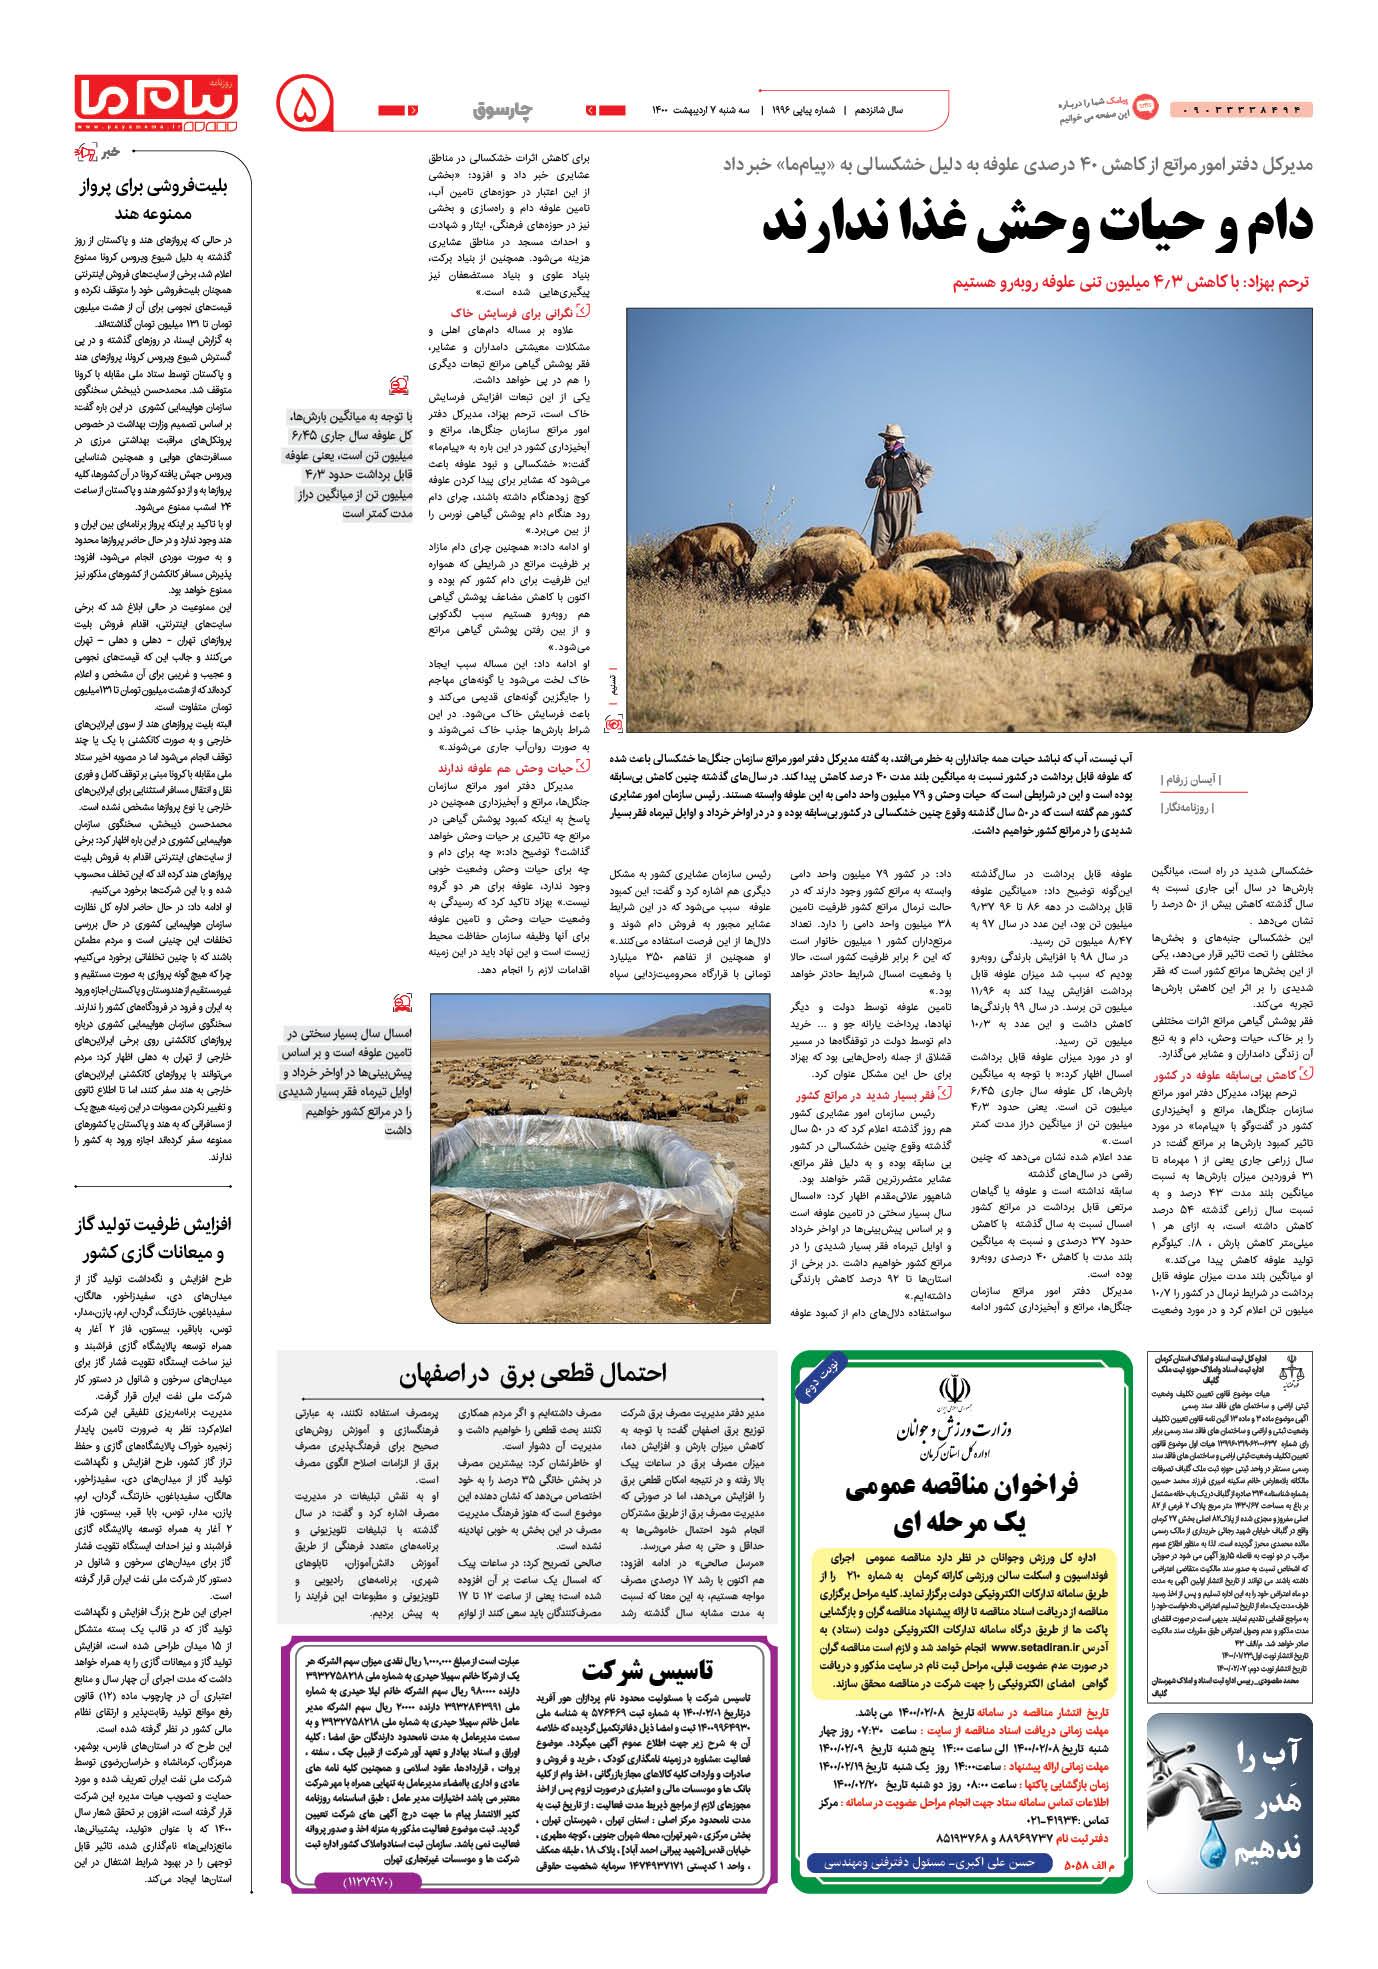 صفحه چارسوق شماره ۱۹۹۶ روزنامه پیام ما